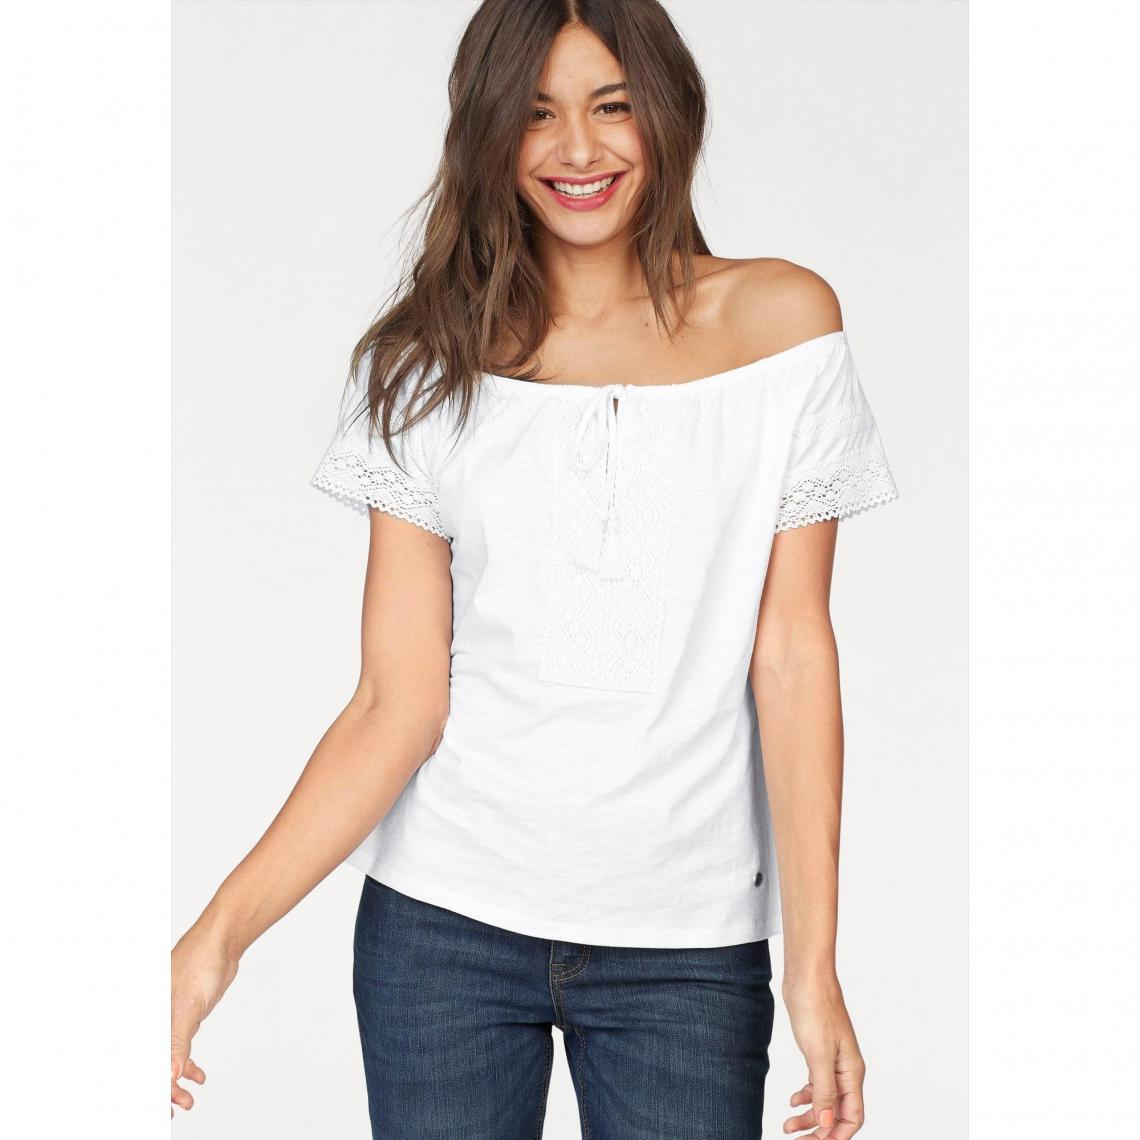 618c8decbf Tee-shirt épaules dénudées femme AJC - Blanc | 3 SUISSES